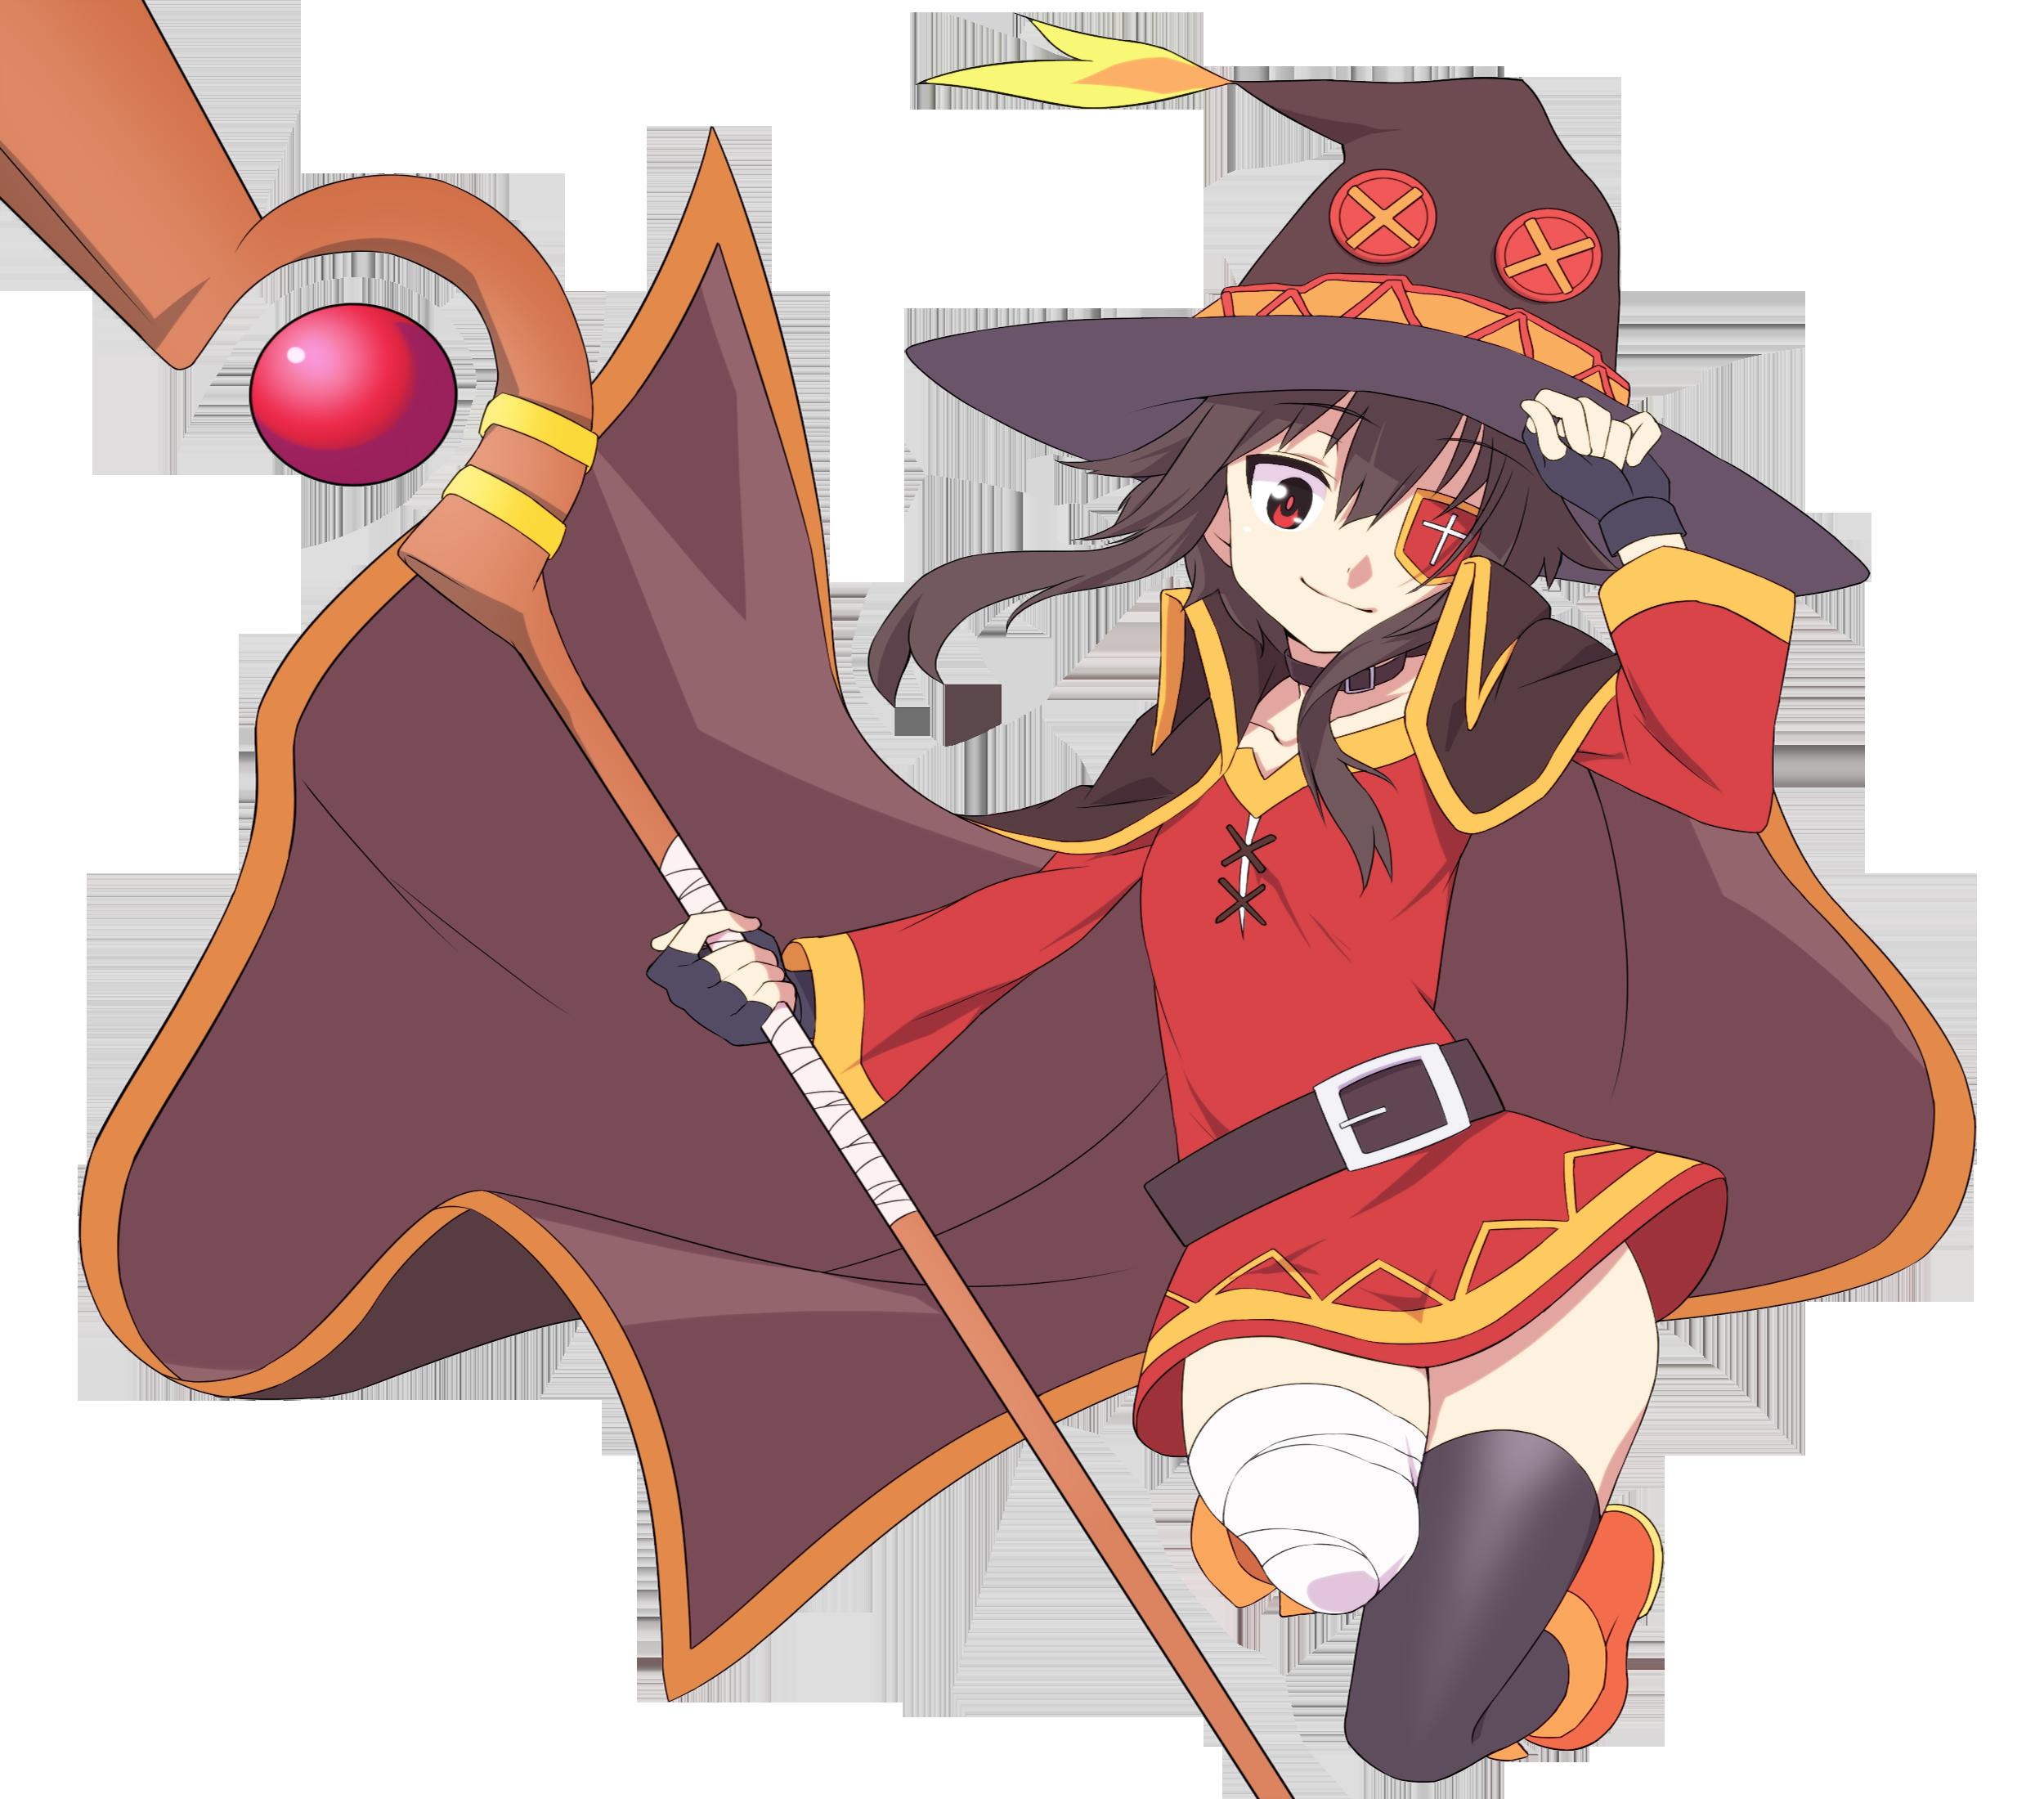 Koleksi Anime Gif Megumin Animetedot